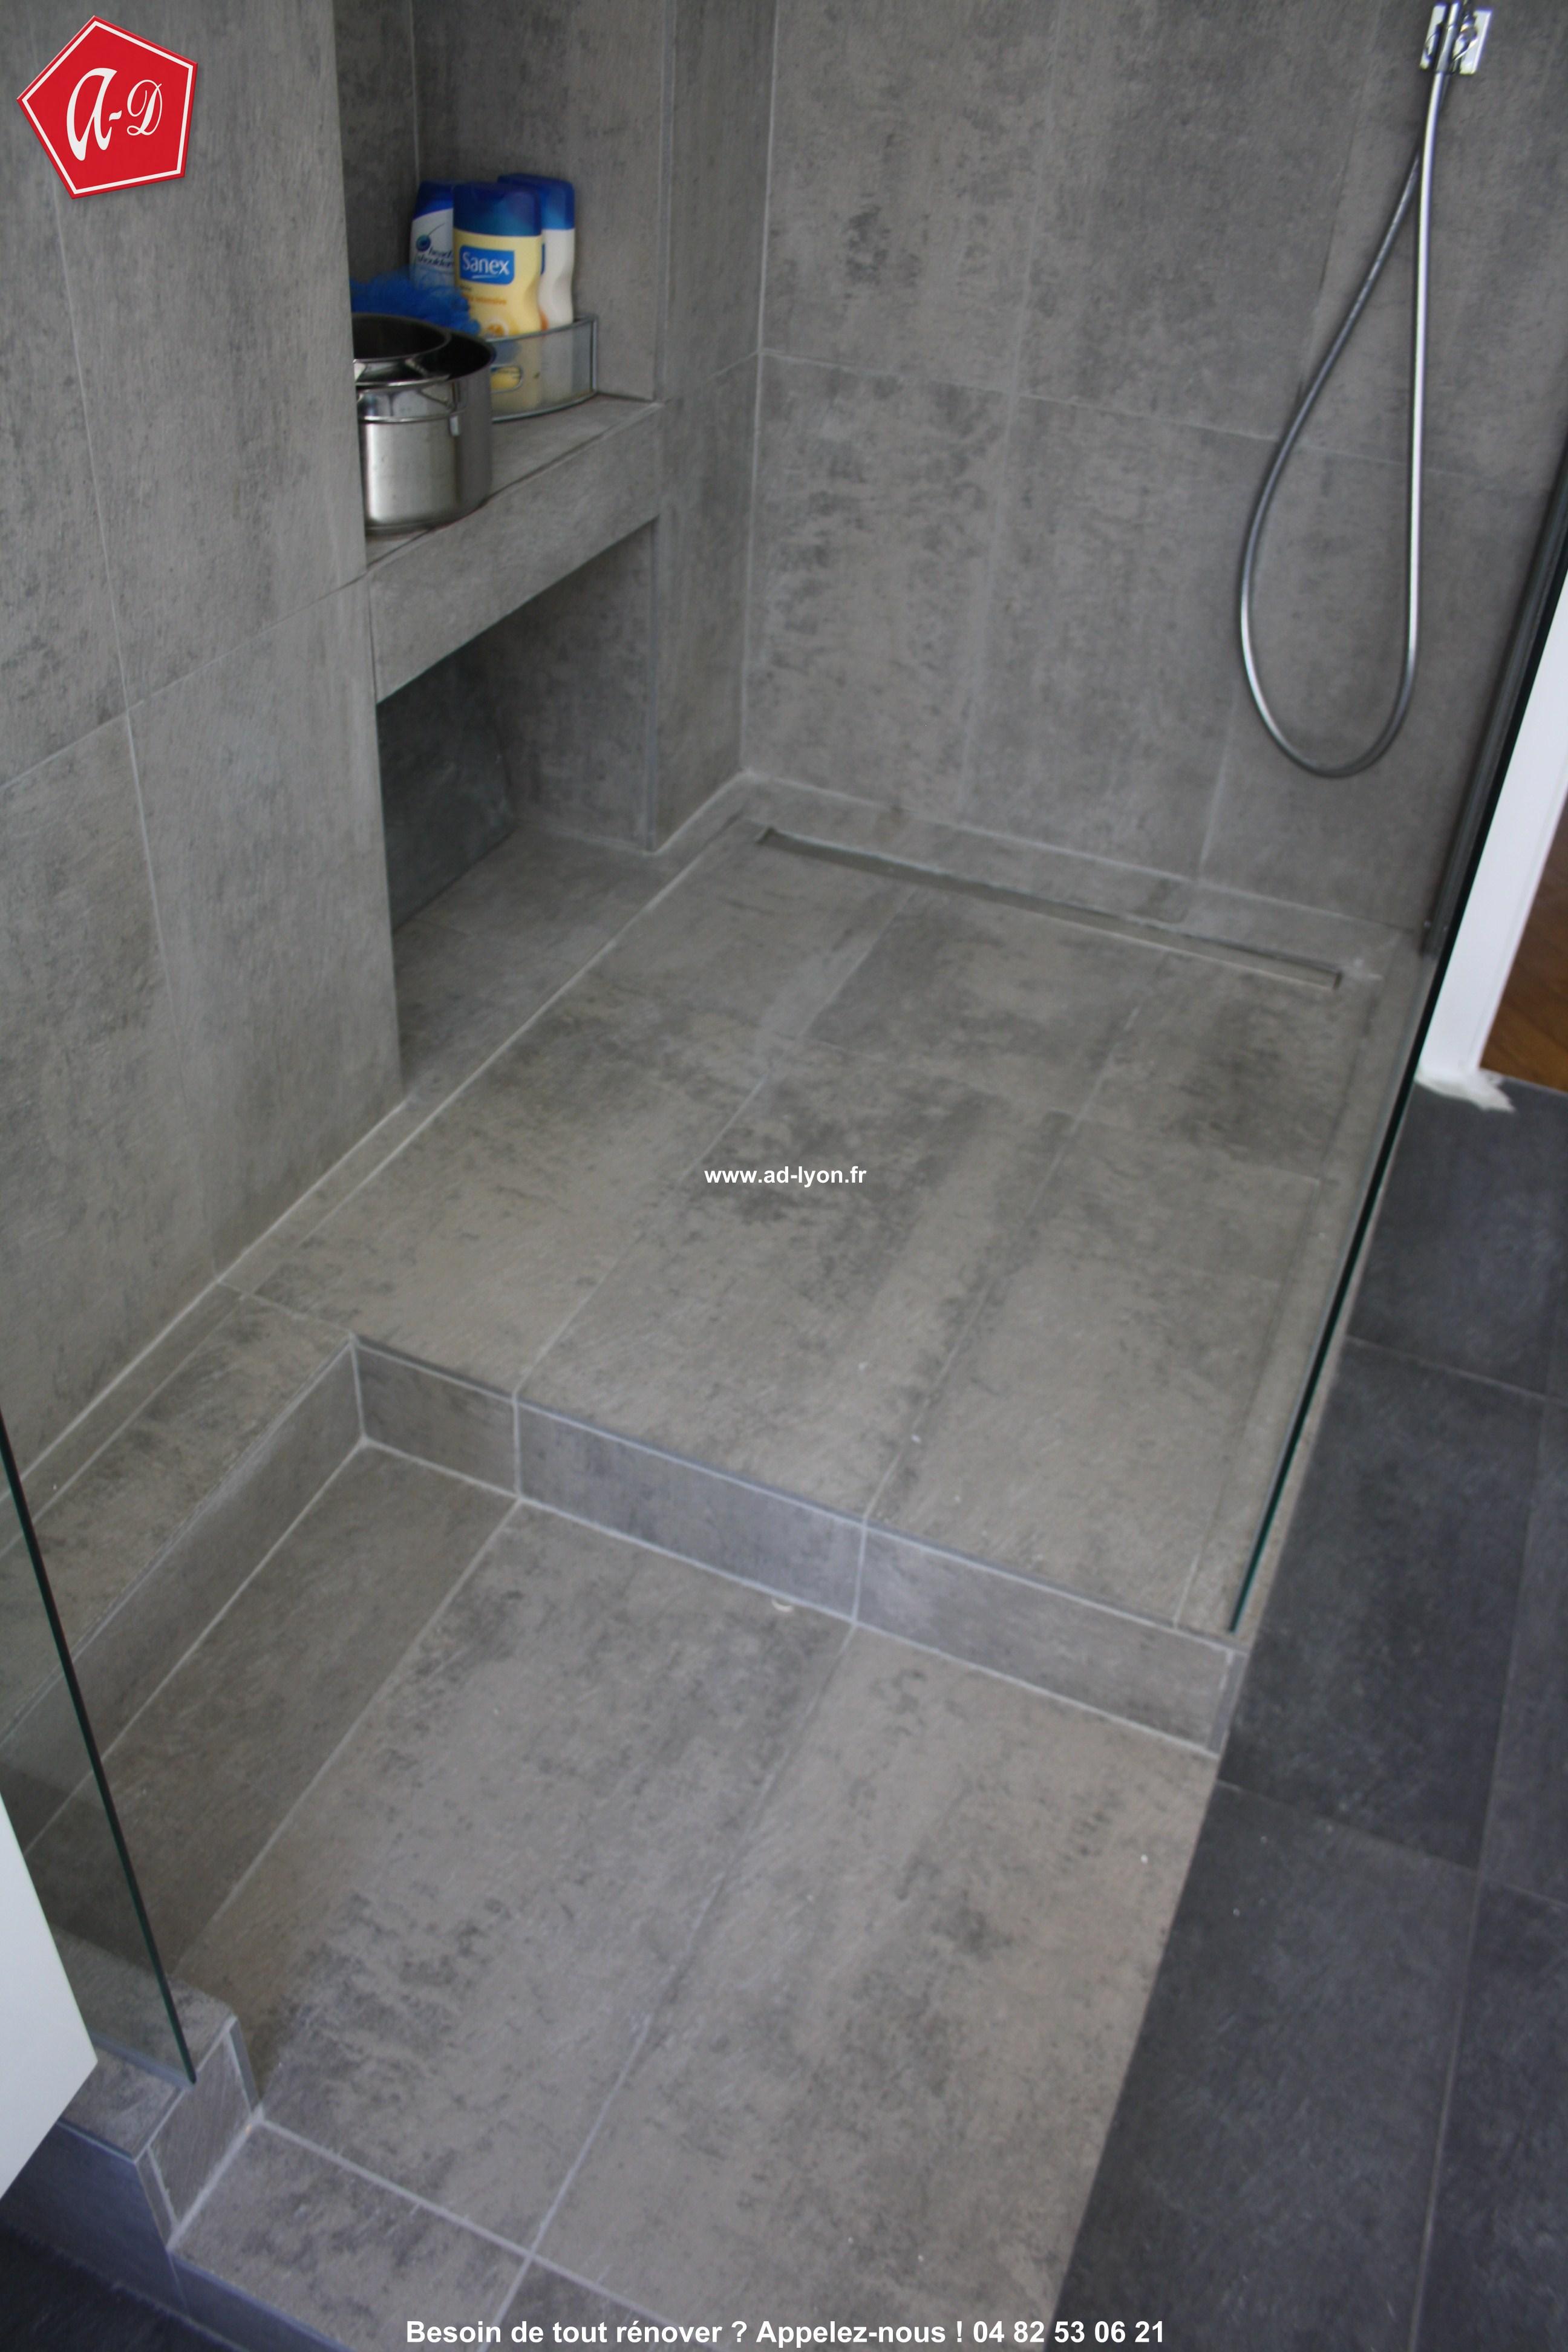 Combien Va Vous Couter La Rénovation De Votre Salle De Bain - Combien coute une salle de bain complete